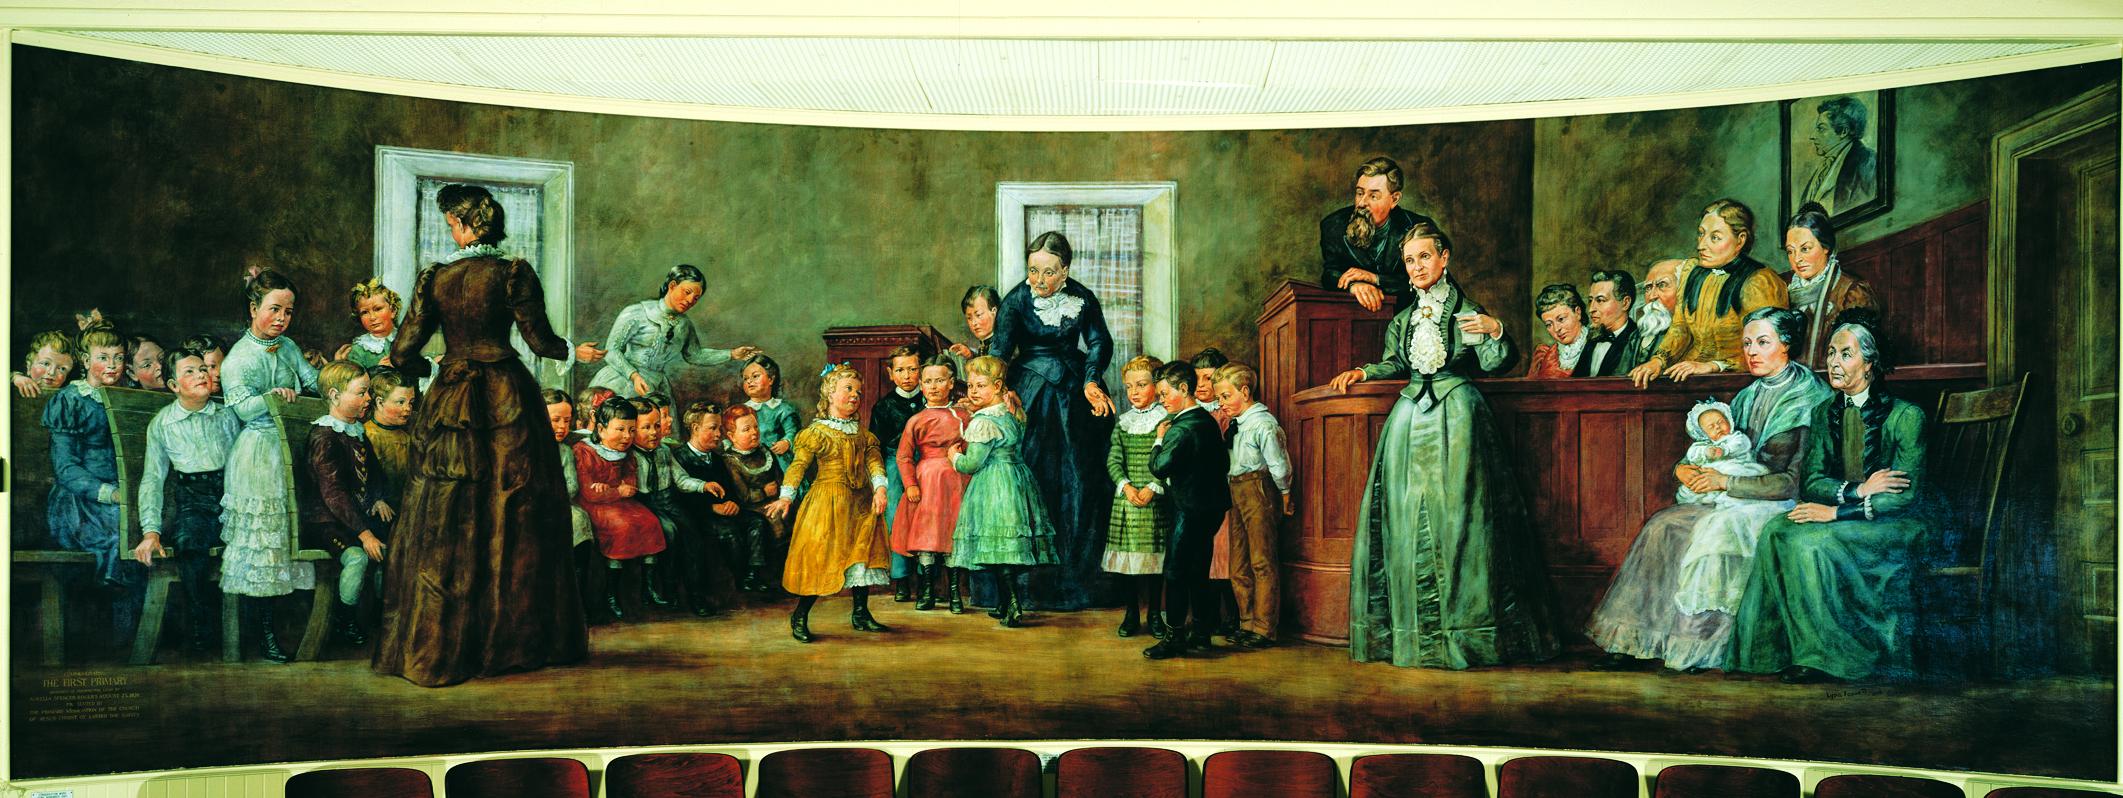 Un mural que muestra la primera reunión de la Asociación de la Primaria. Pintado por Lynn Fausett y Gordon Cope.